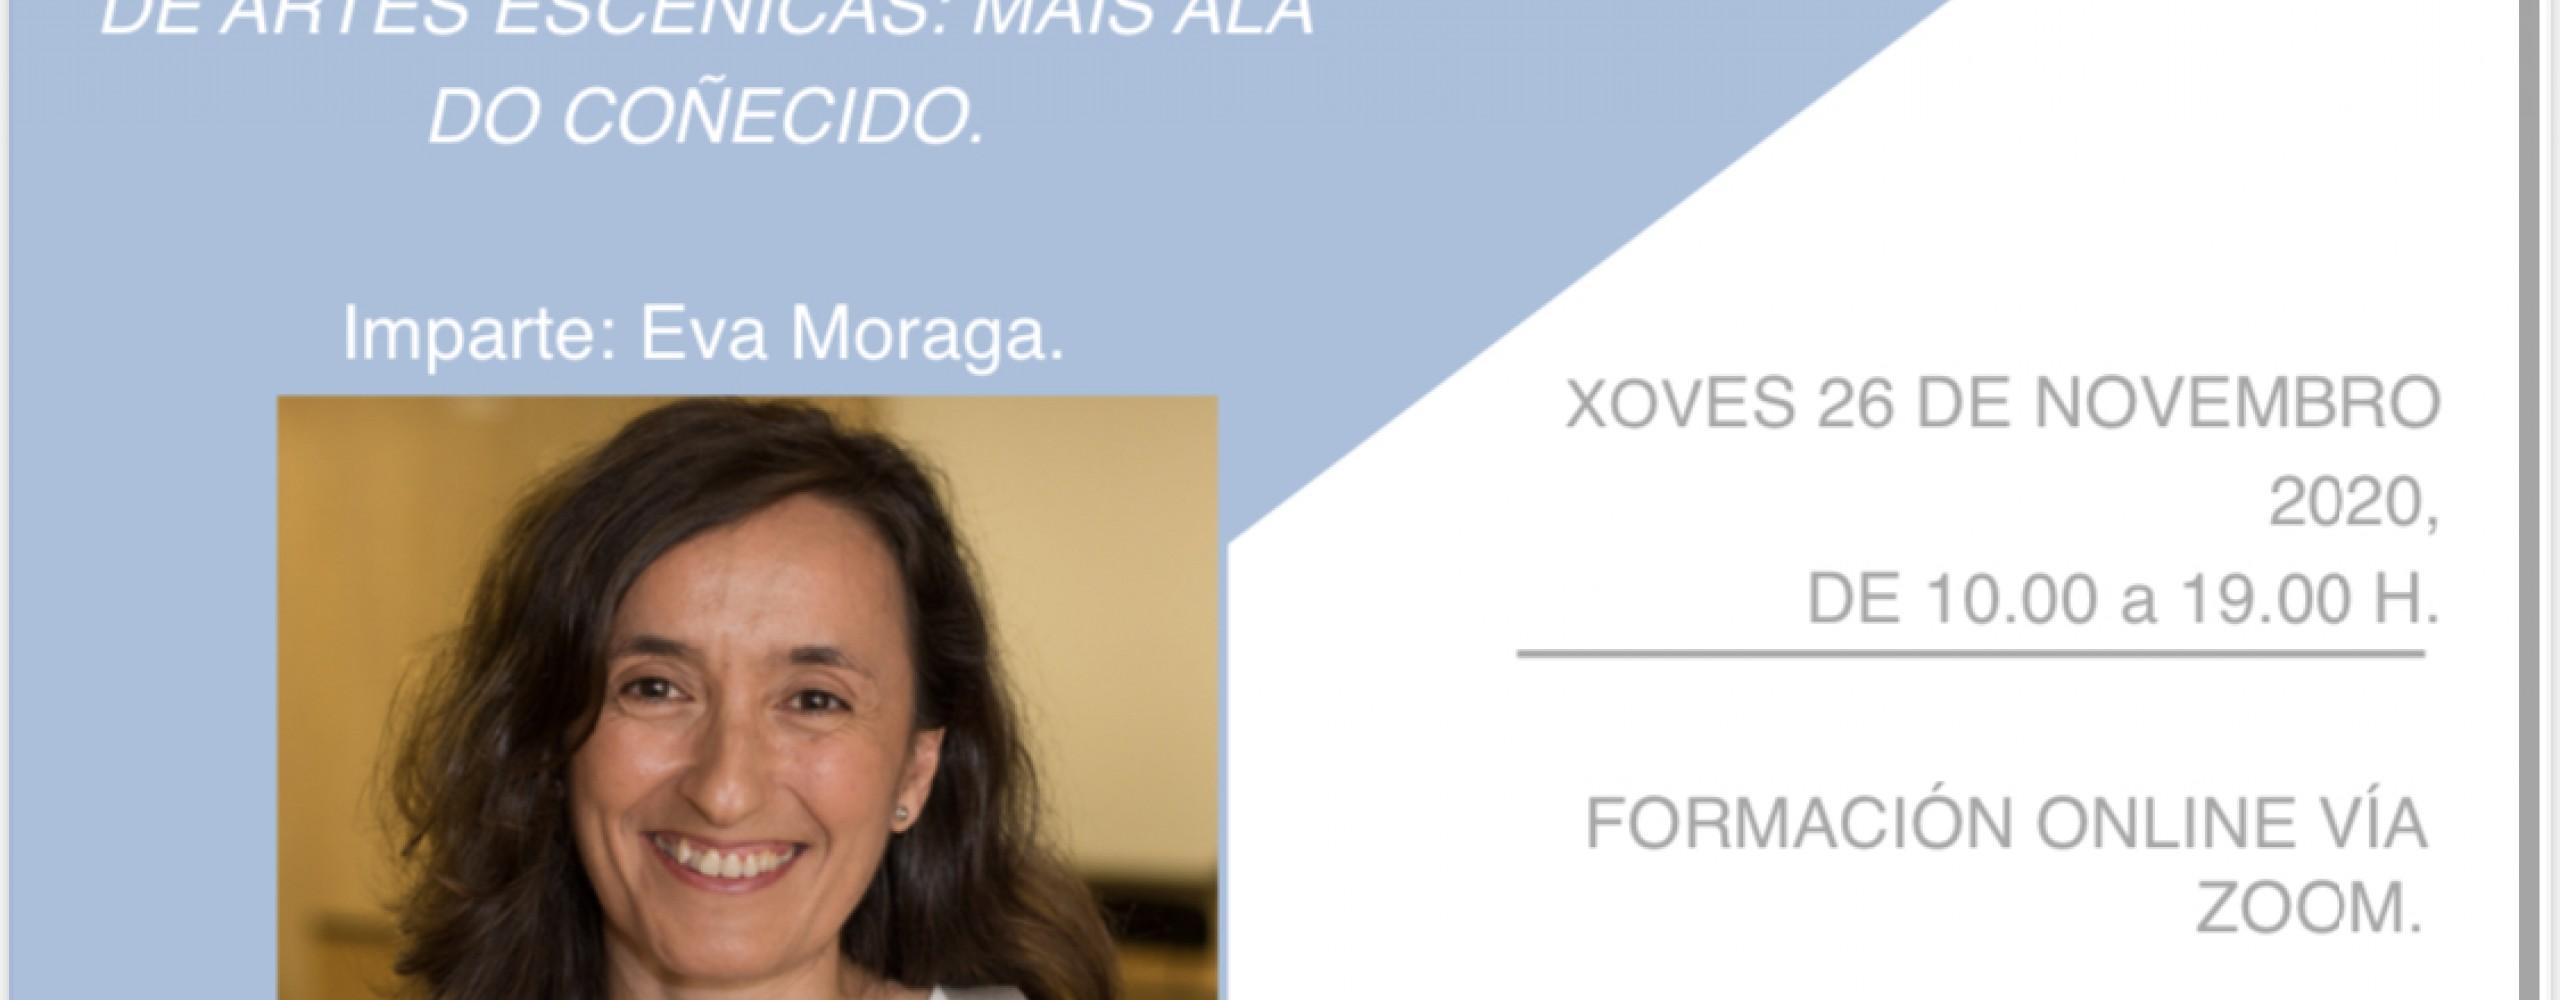 Escena Galega continúa as súas xornadas de formación cun obradoiro de financiamento de proxectos de artes escénicas o 26 de novembro